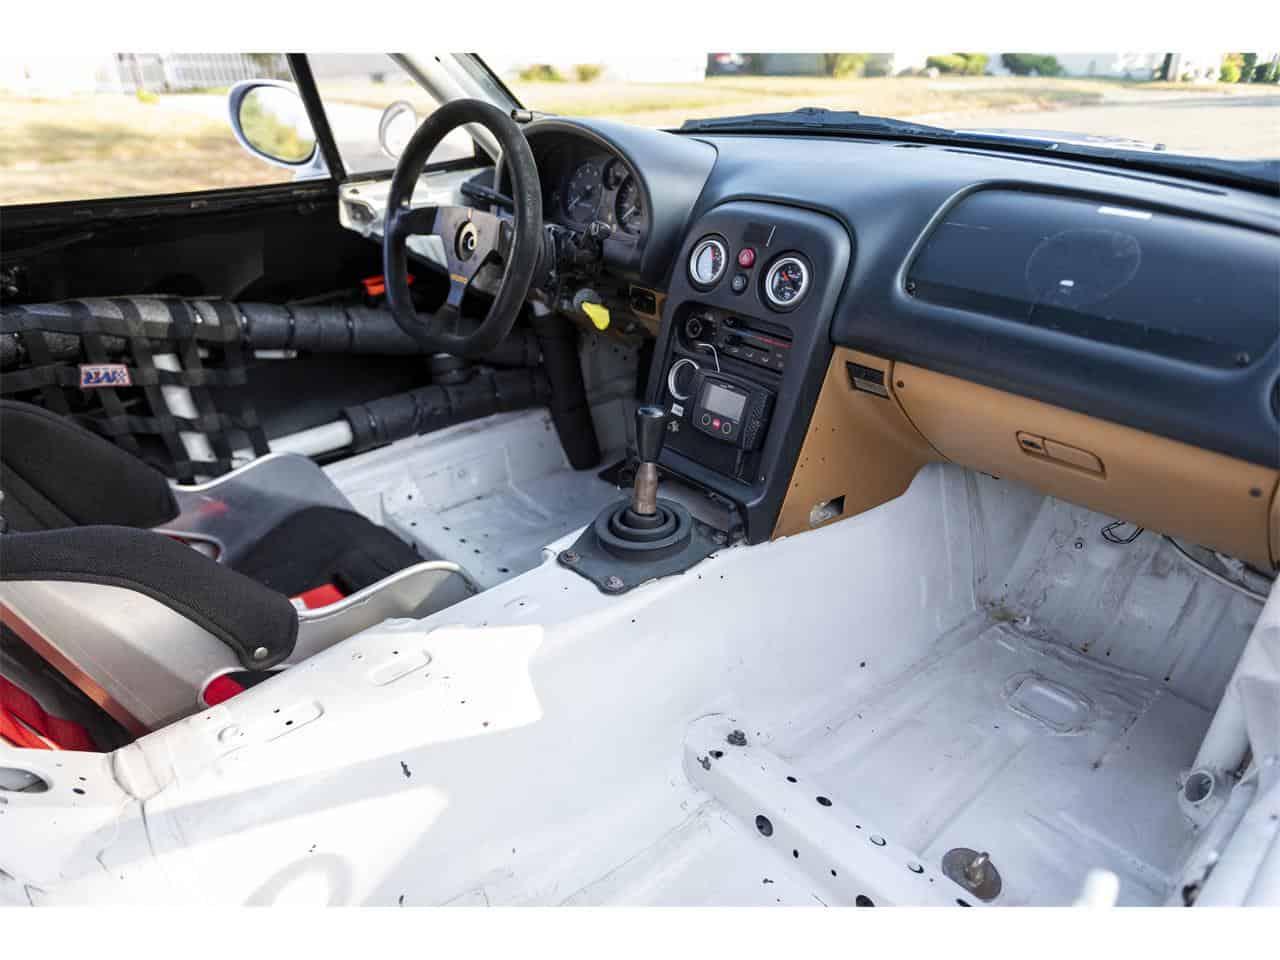 1994 Mazda Spec-Miata race car